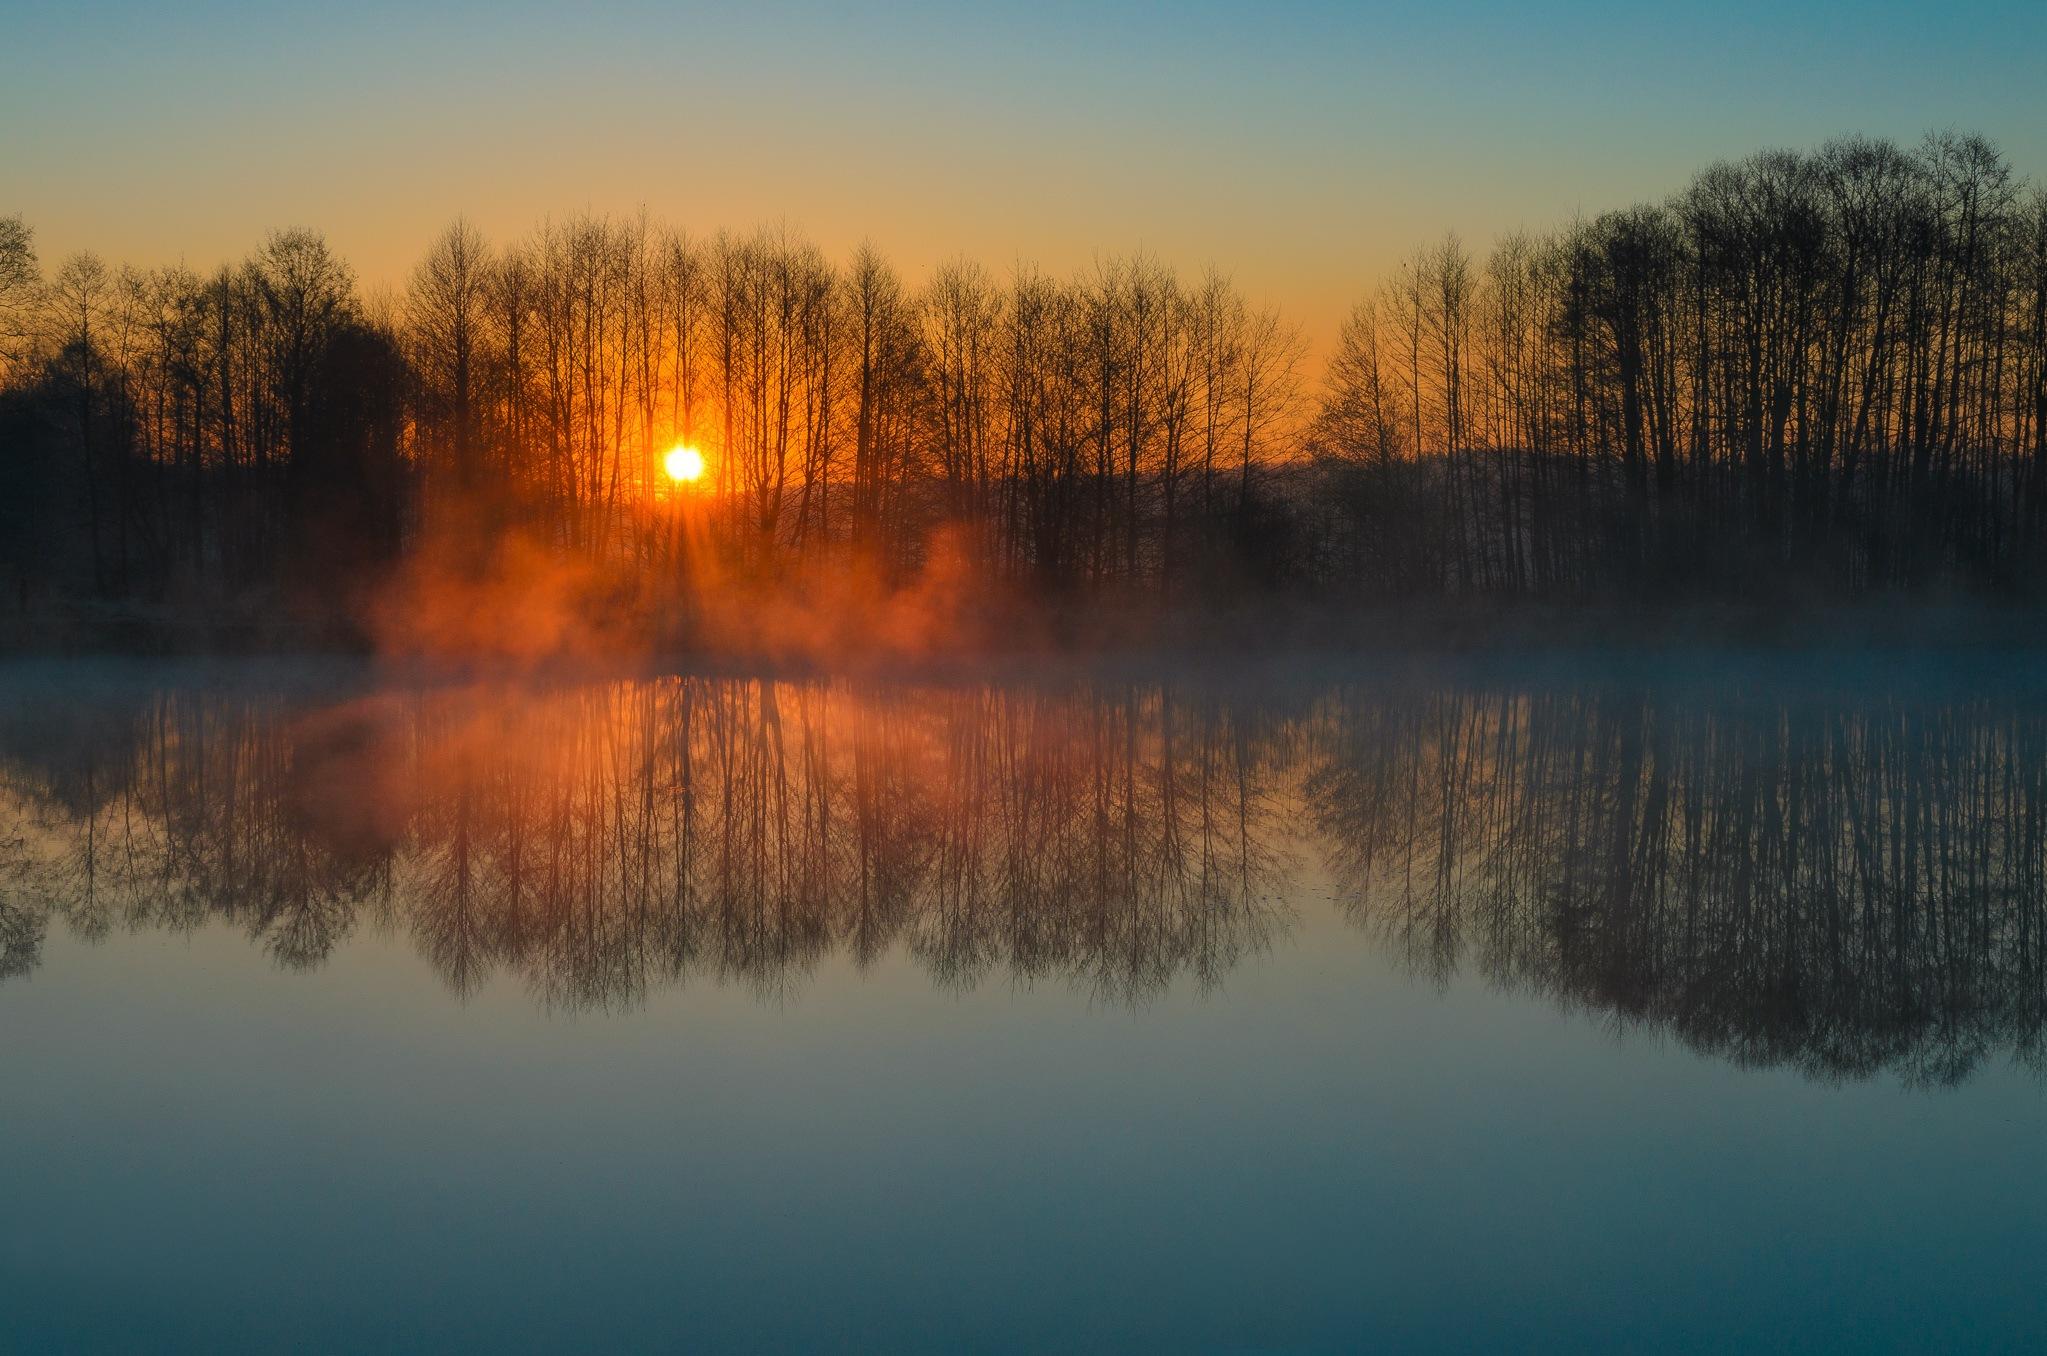 Last breath of the sun... by Damian Szewczyk